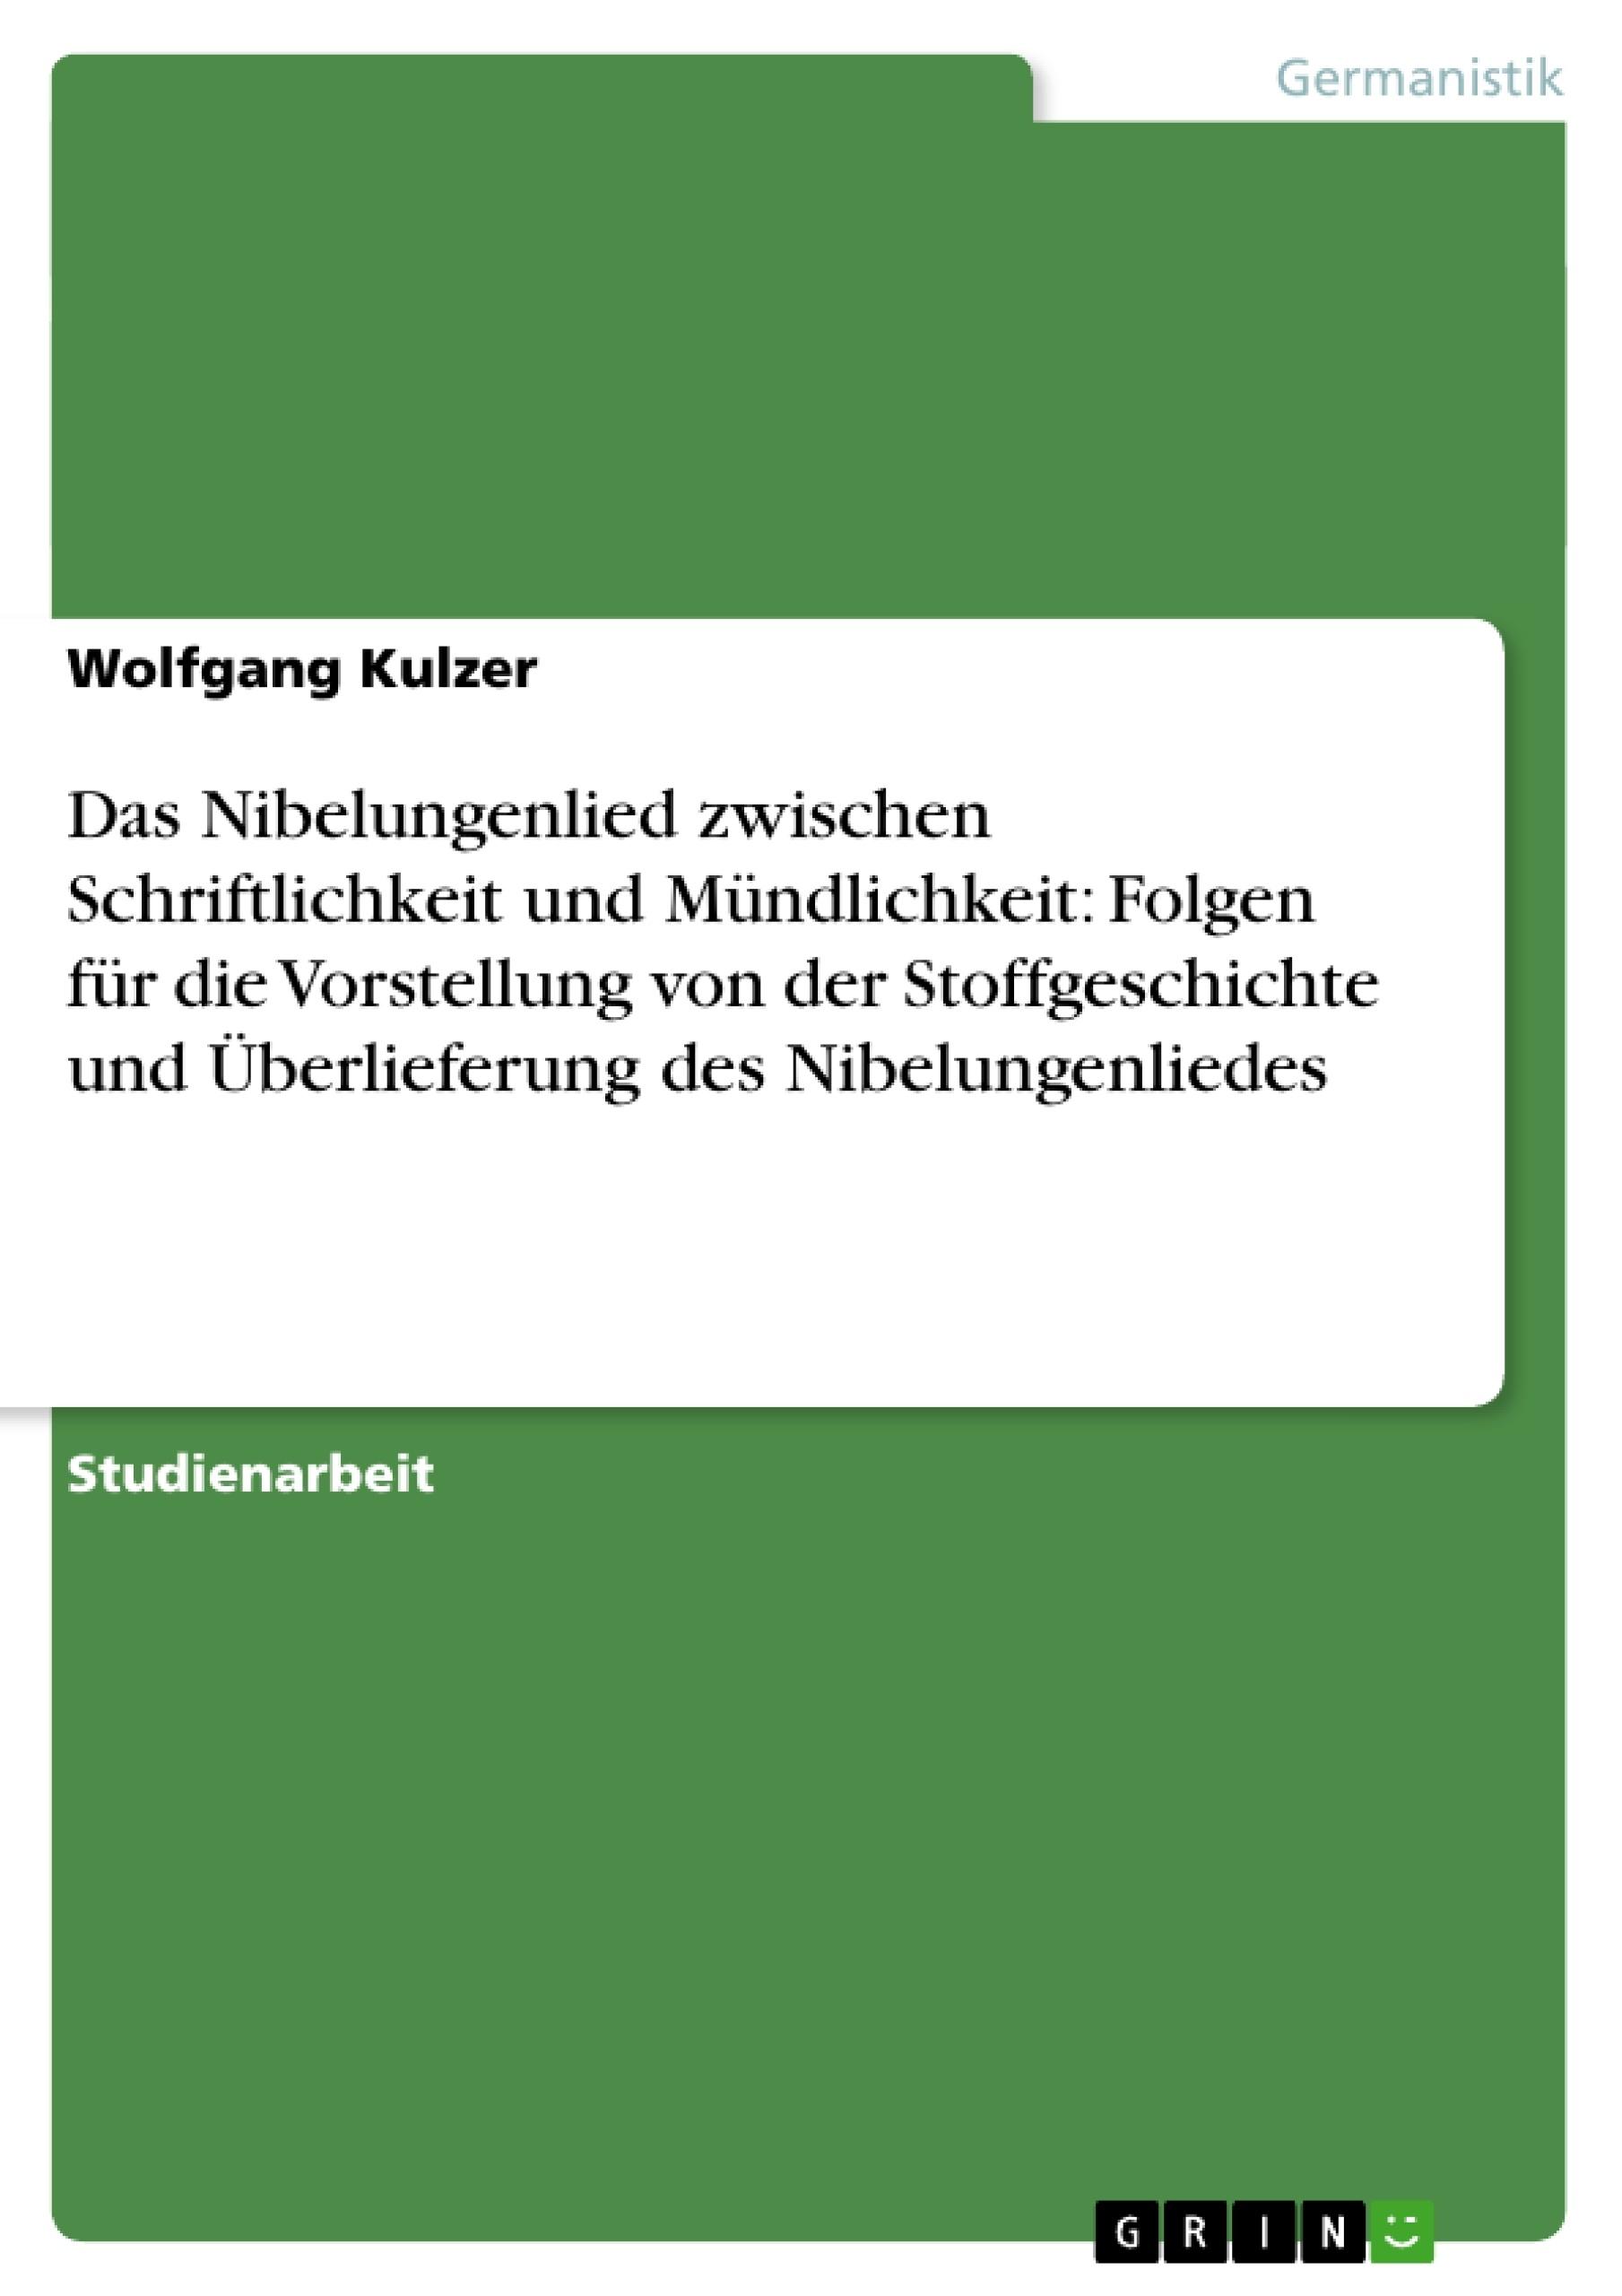 Titel: Das Nibelungenlied zwischen Schriftlichkeit und Mündlichkeit: Folgen für die Vorstellung von der Stoffgeschichte und Überlieferung des Nibelungenliedes